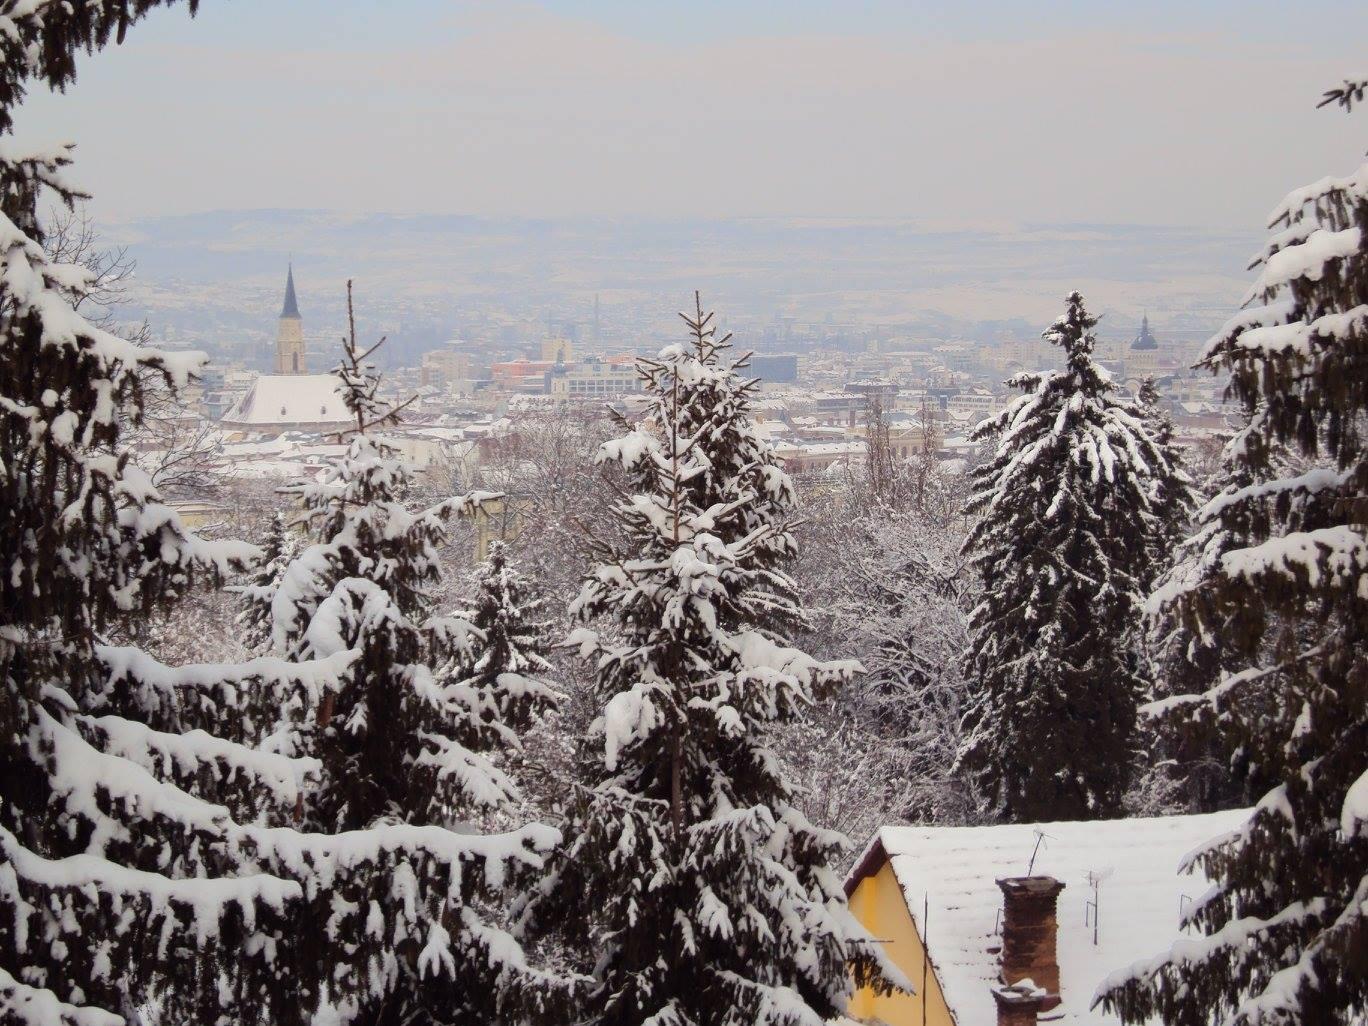 7 locuri de unde poți vedea Clujul panoramic (1)